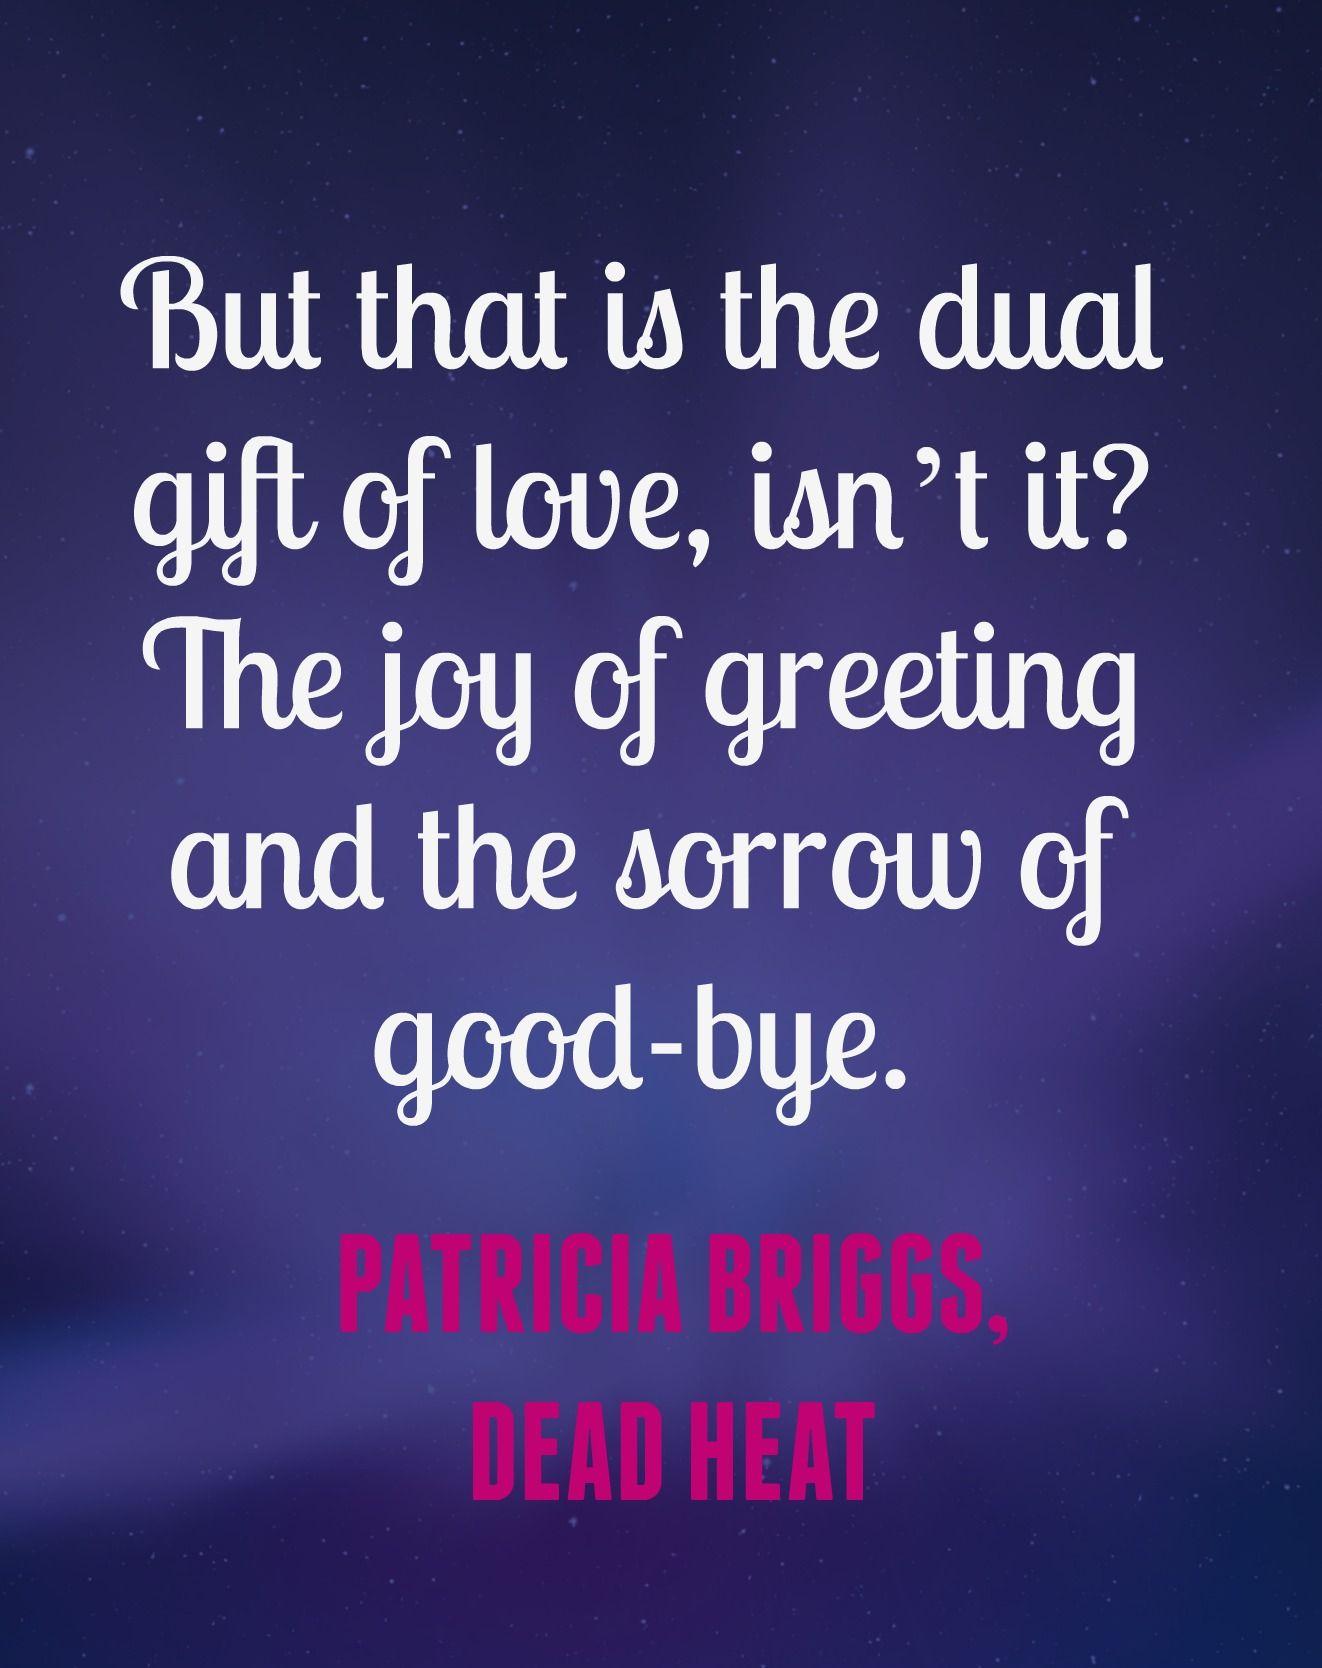 Dead Heat (Alpha & Omega #4) | Quotations, Sorrow, Patricia briggs